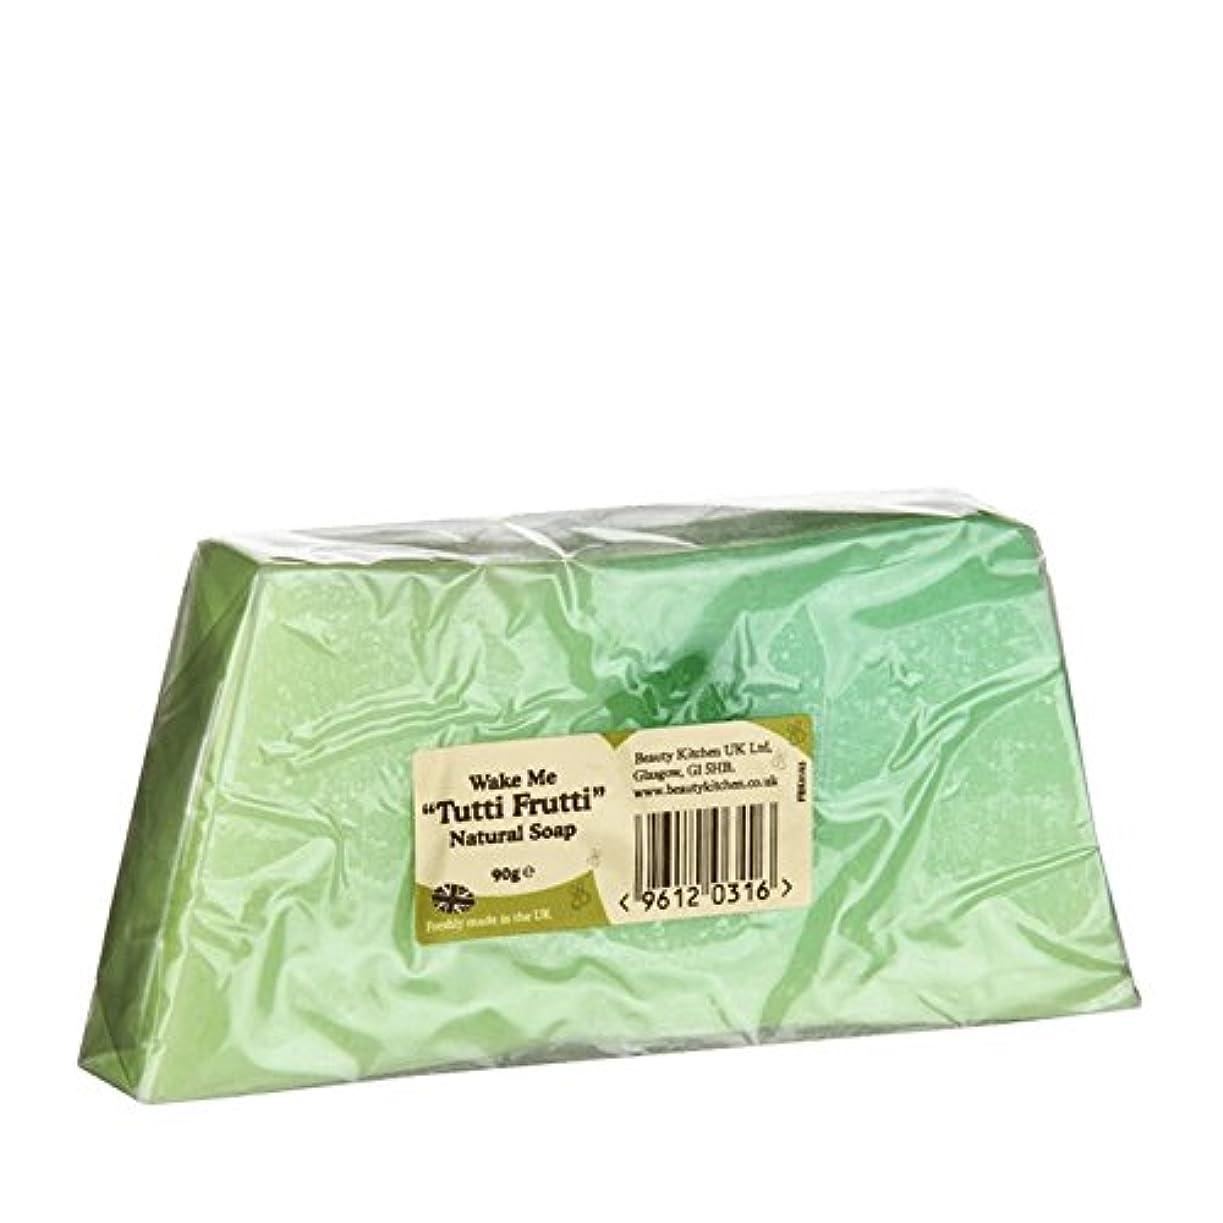 申し込む反論腐食するBeauty Kitchen Wake Me Tutti Frutti Natural Soap 90g (Pack of 2) - 美しさのキッチンは私トゥッティフルッティの天然石鹸90グラムウェイク (x2) [並行輸入品]